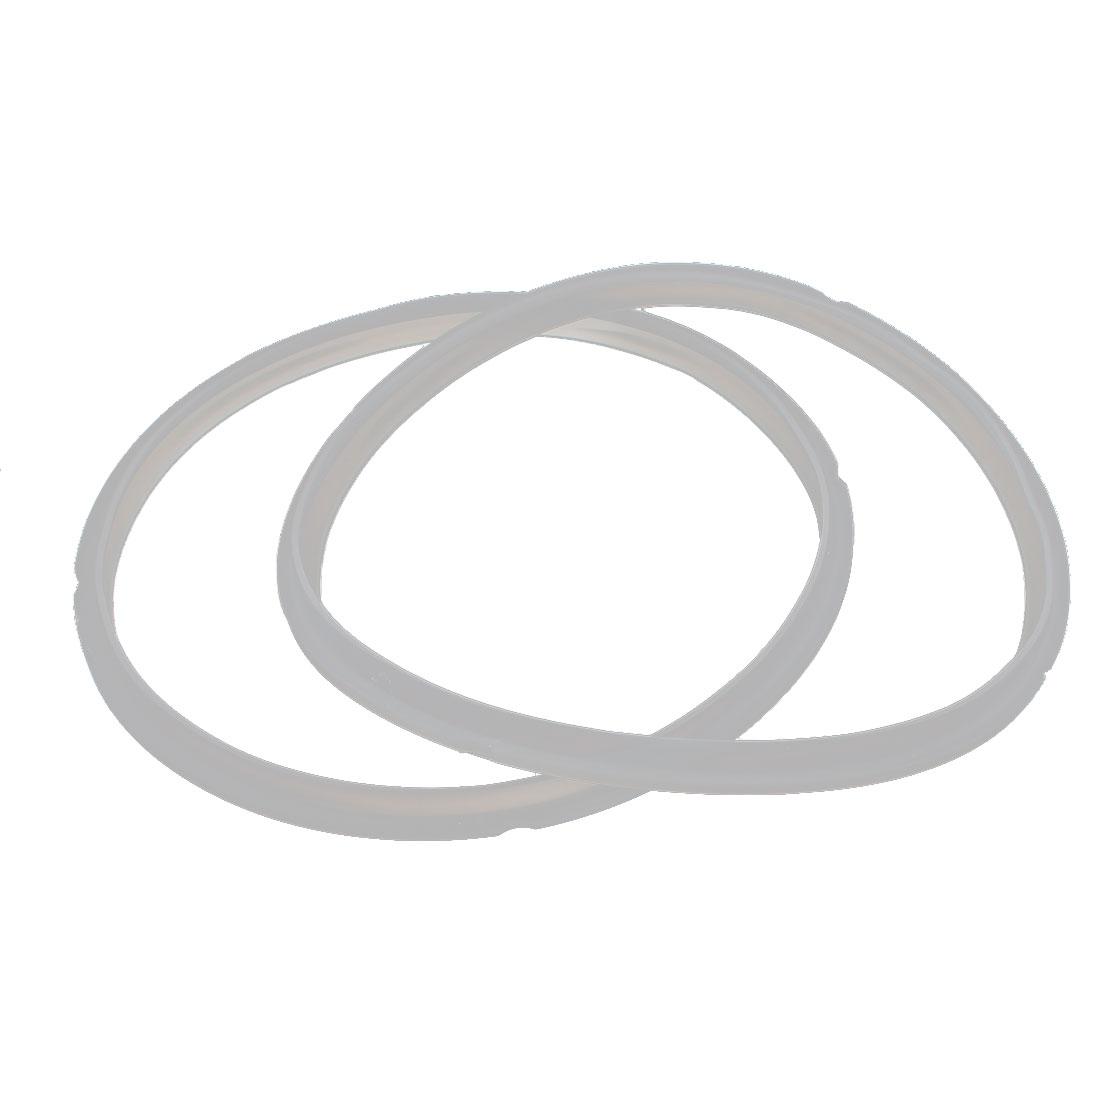 24cm Inner Dia White Rubber Pressure Cooker Gasket Sealing Ring 2 Pcs